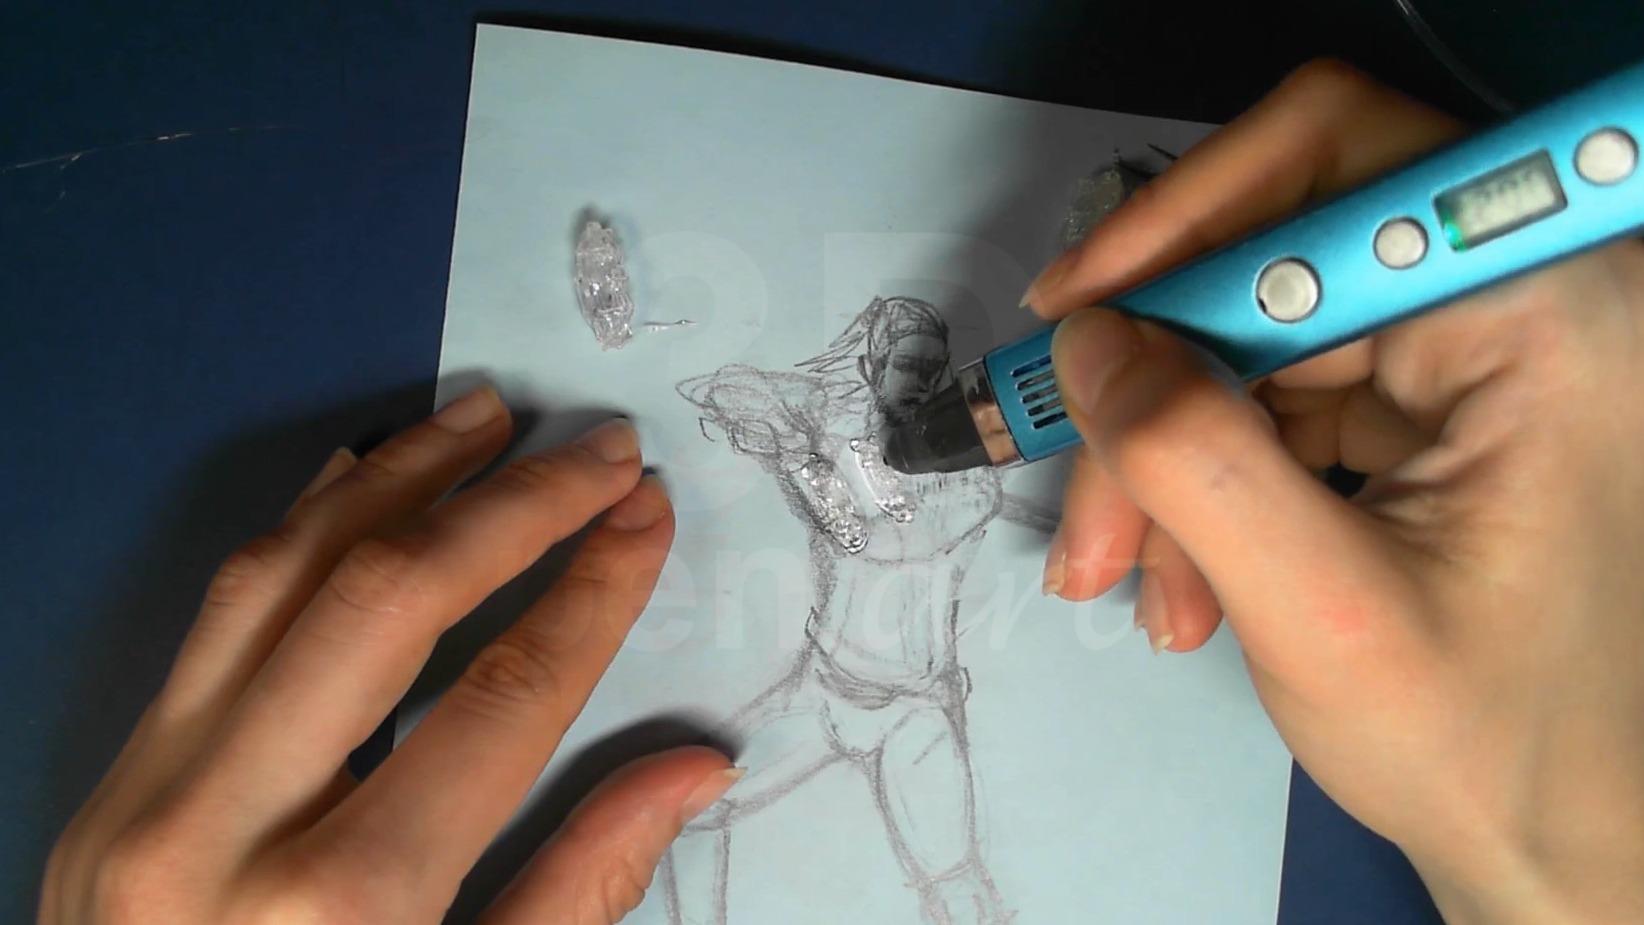 Ведьмак 3D ручкой. Наслаиваем предплечья